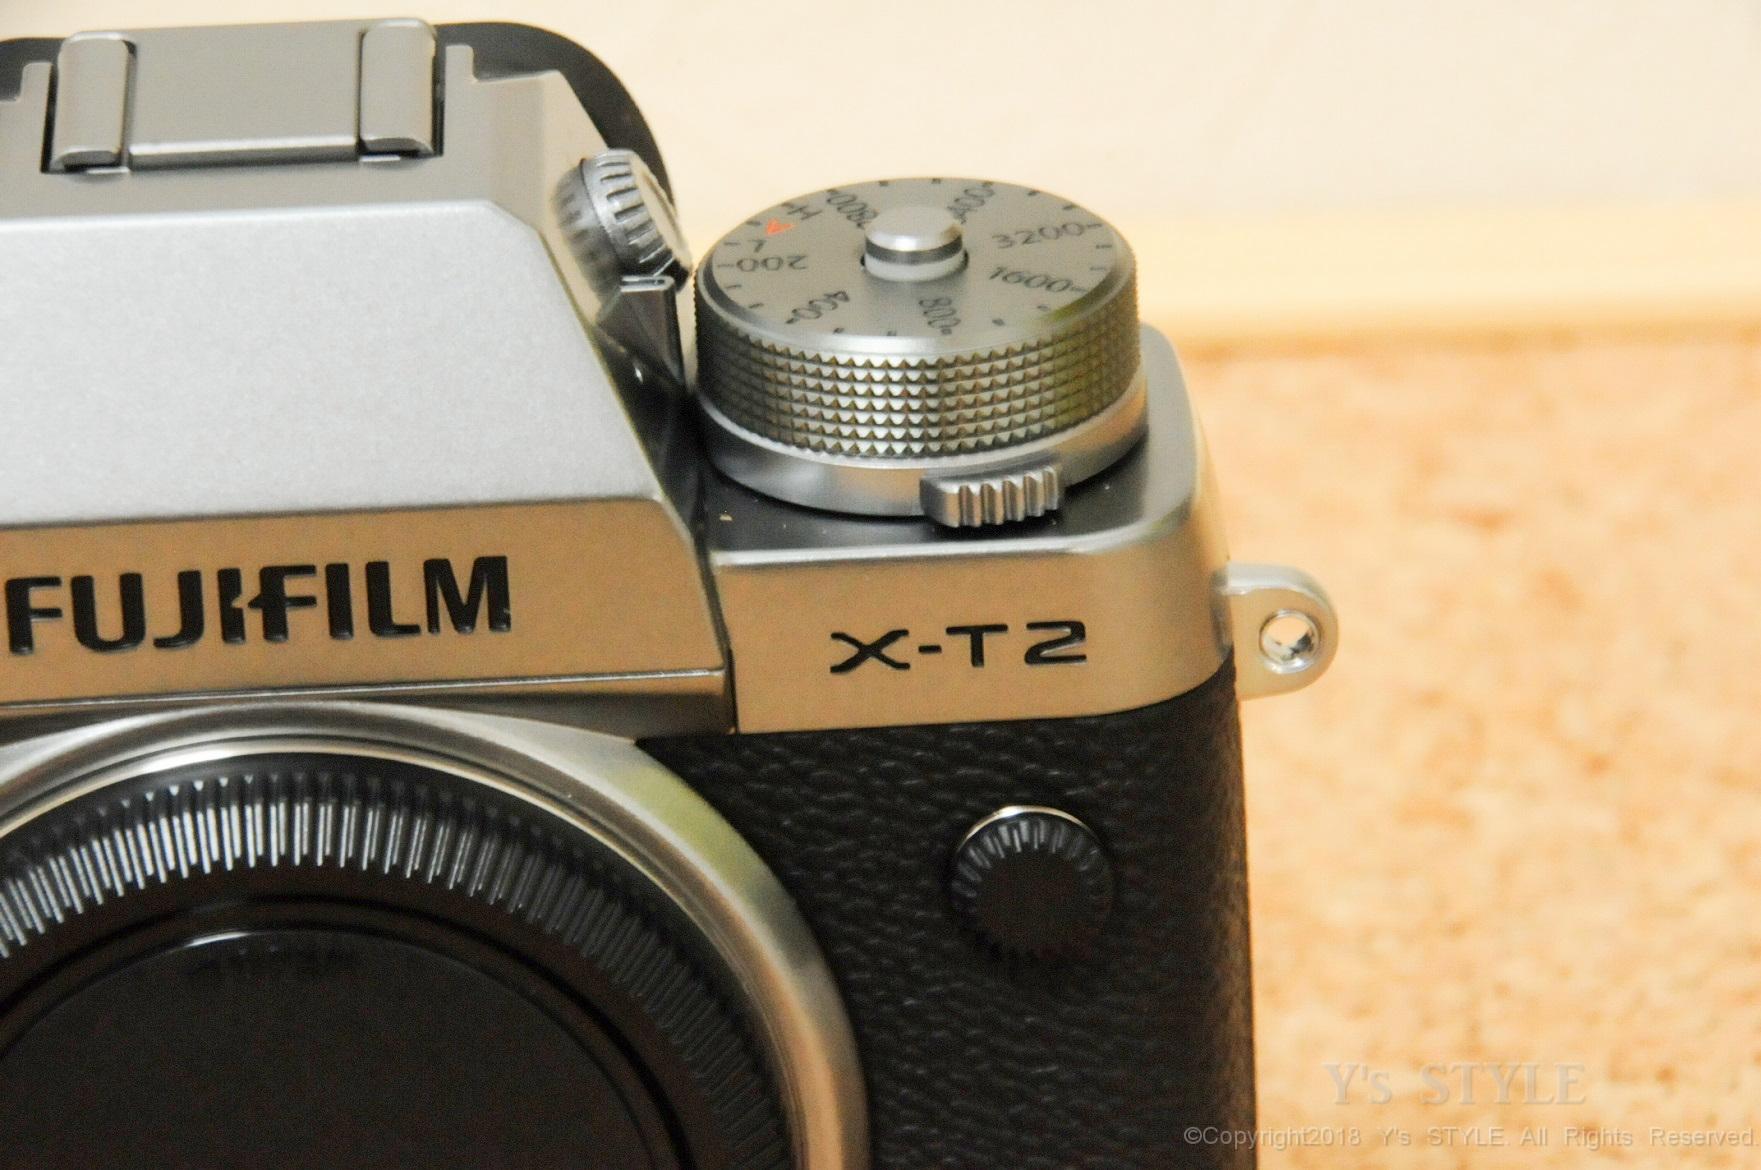 FUJIFILM XT-2 Graphite Silver Edition